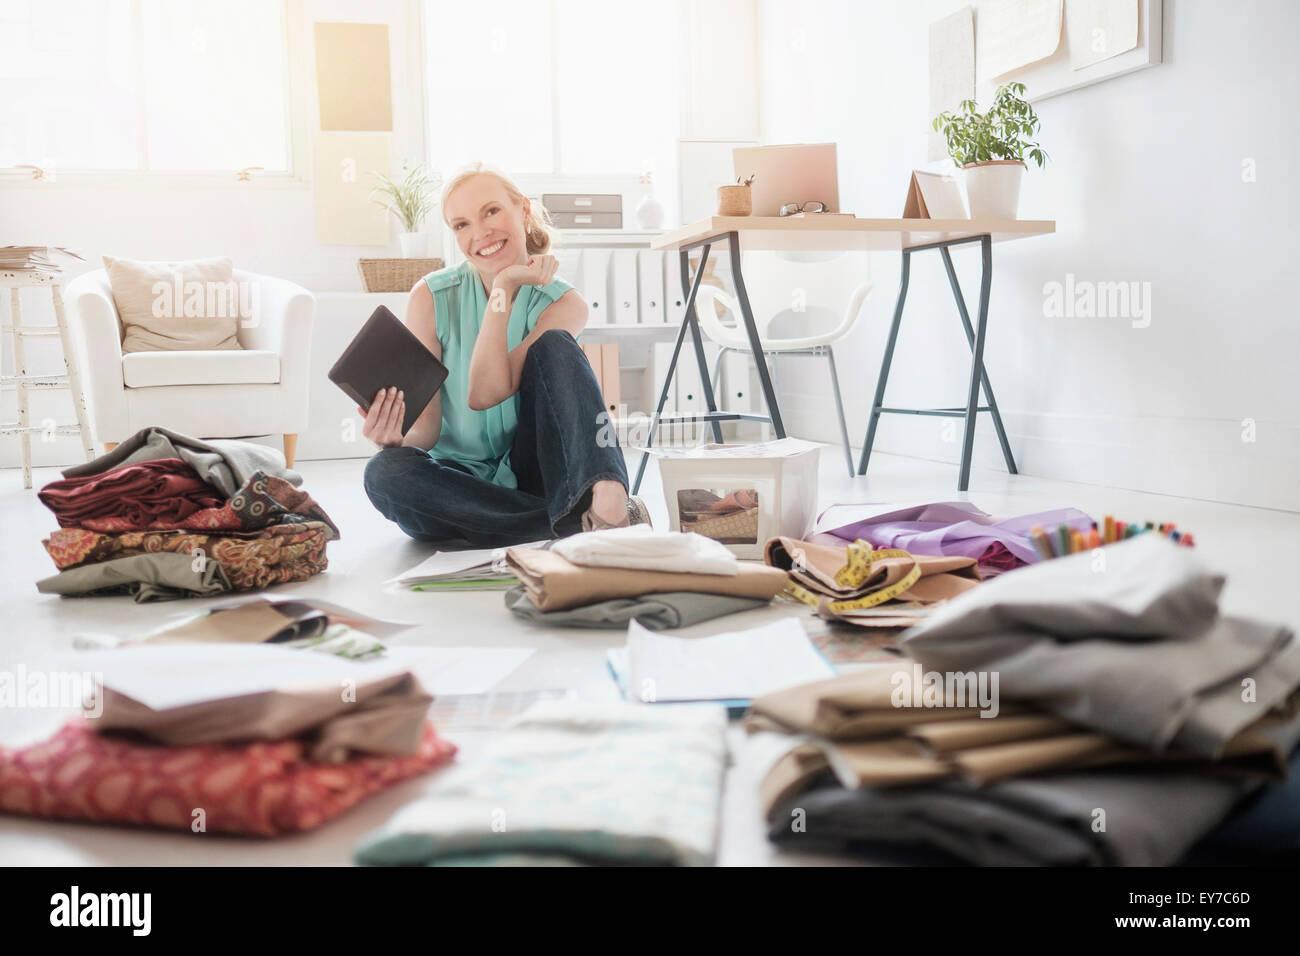 Professionelles Arbeiten im Wohnzimmer-Design Stockbild